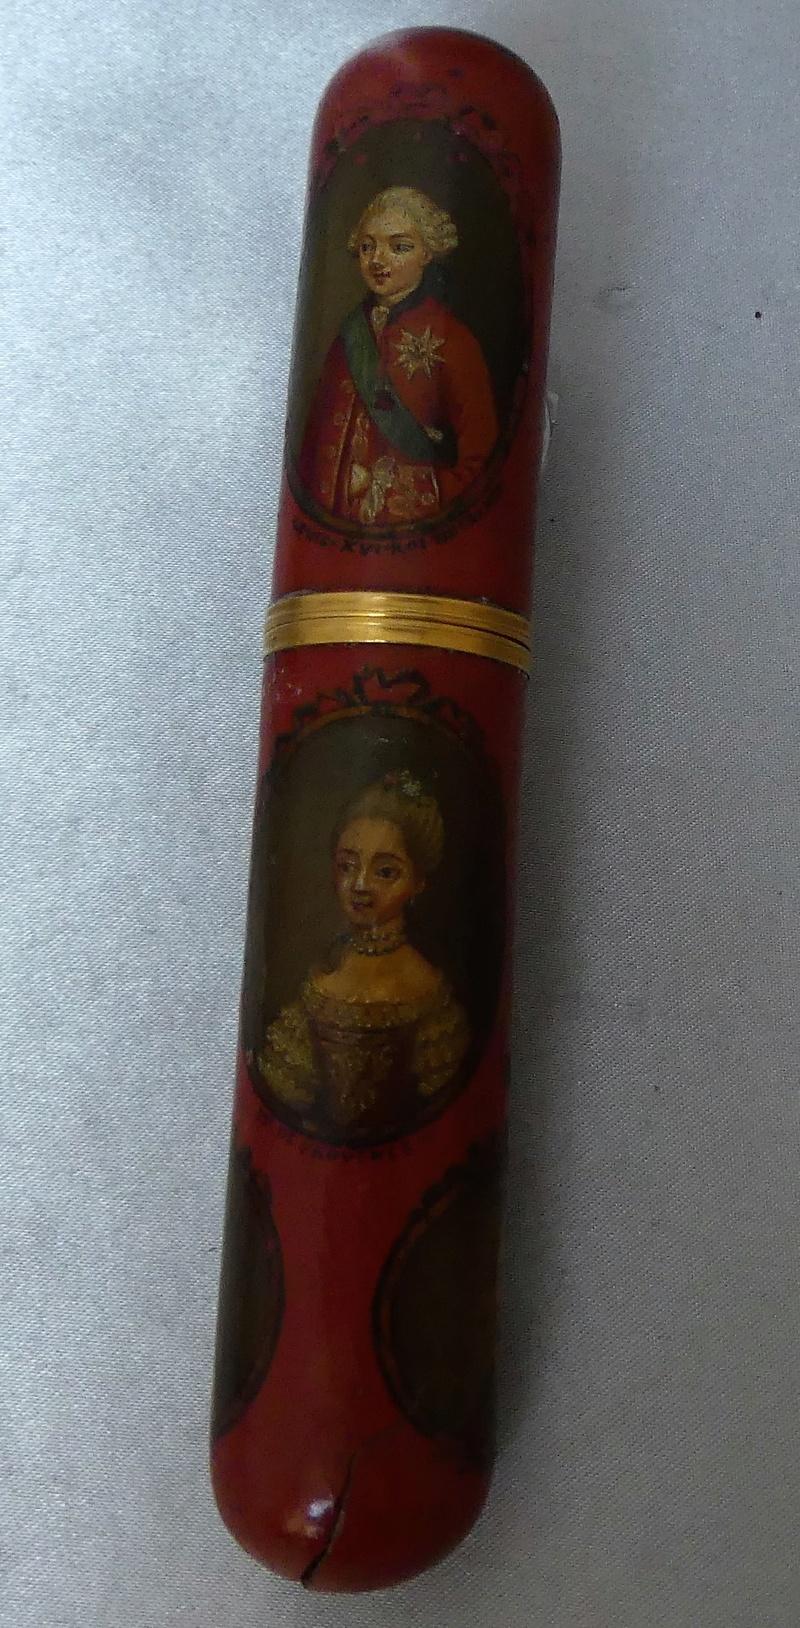 A vendre: meubles et objets divers XVIIIe et Marie Antoinette - Page 8 Ztritr10